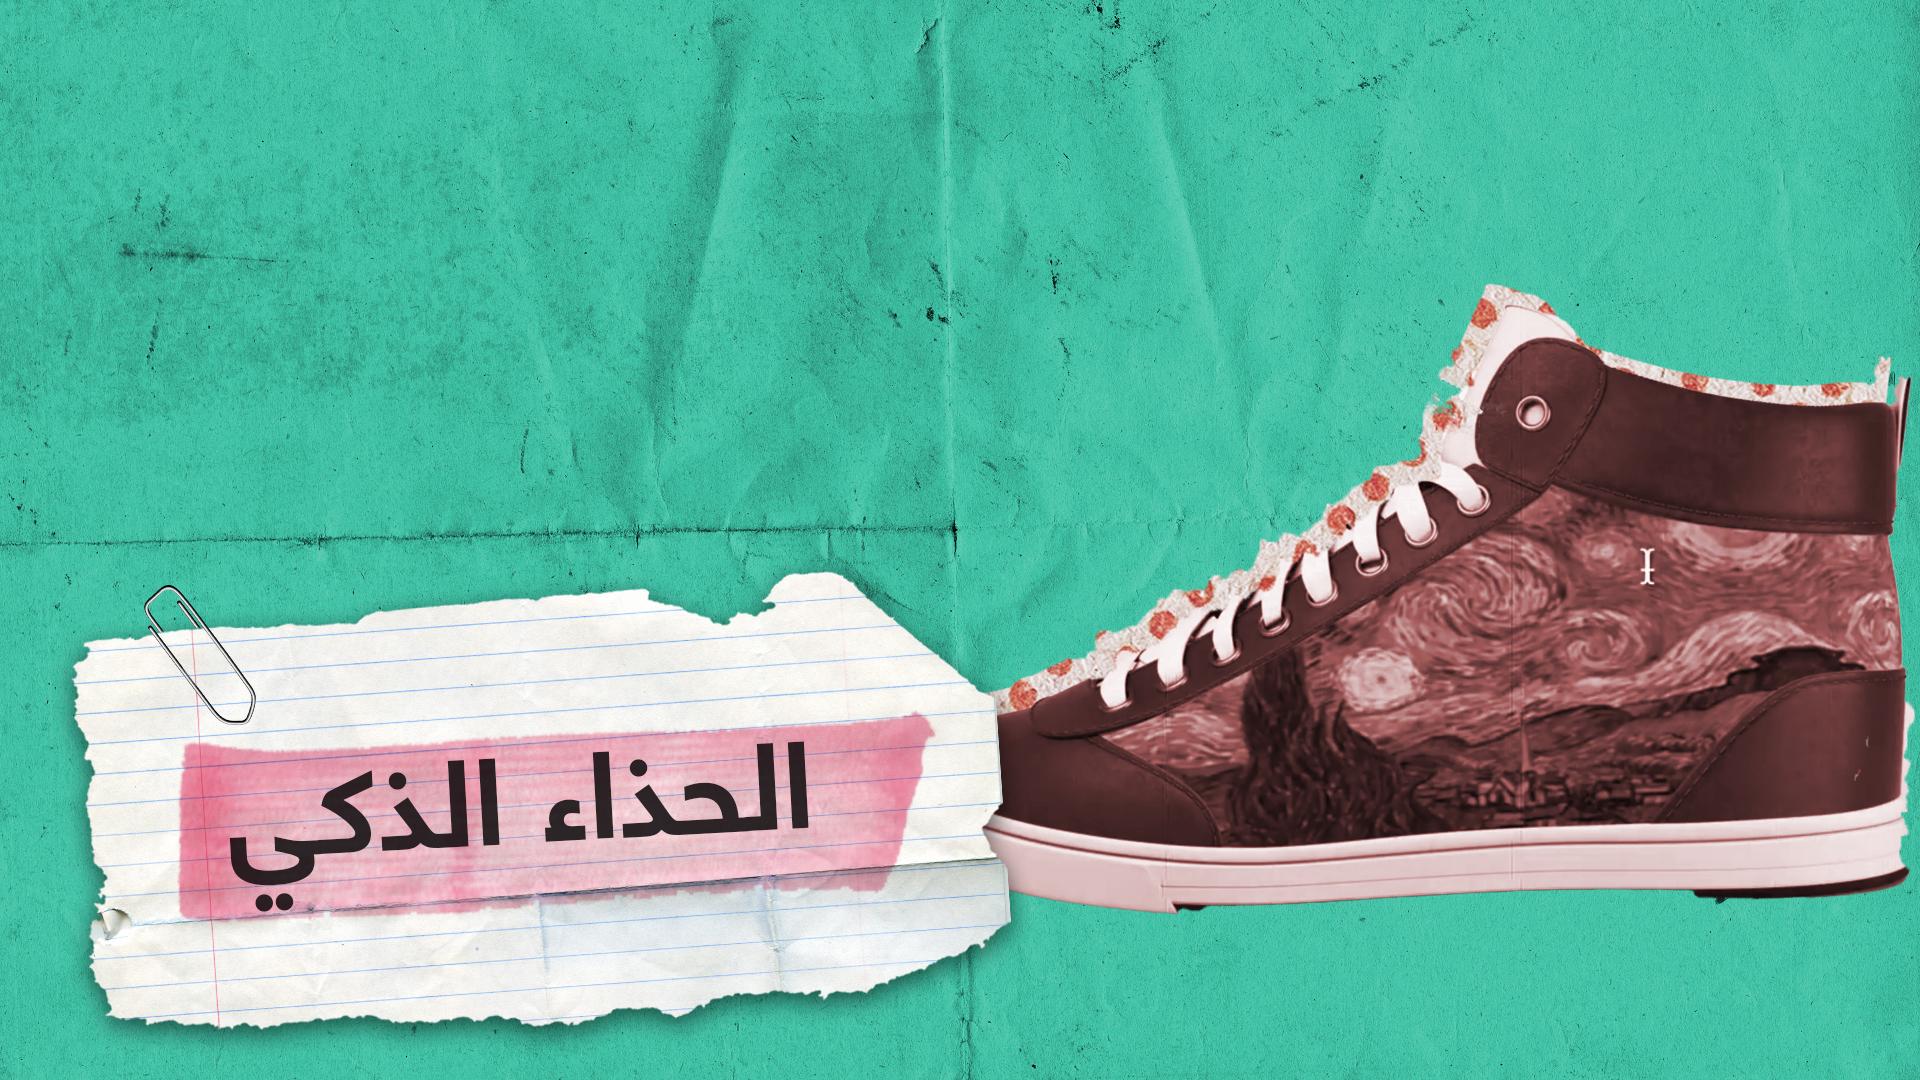 أحذية ذكية مزودة بشاشات